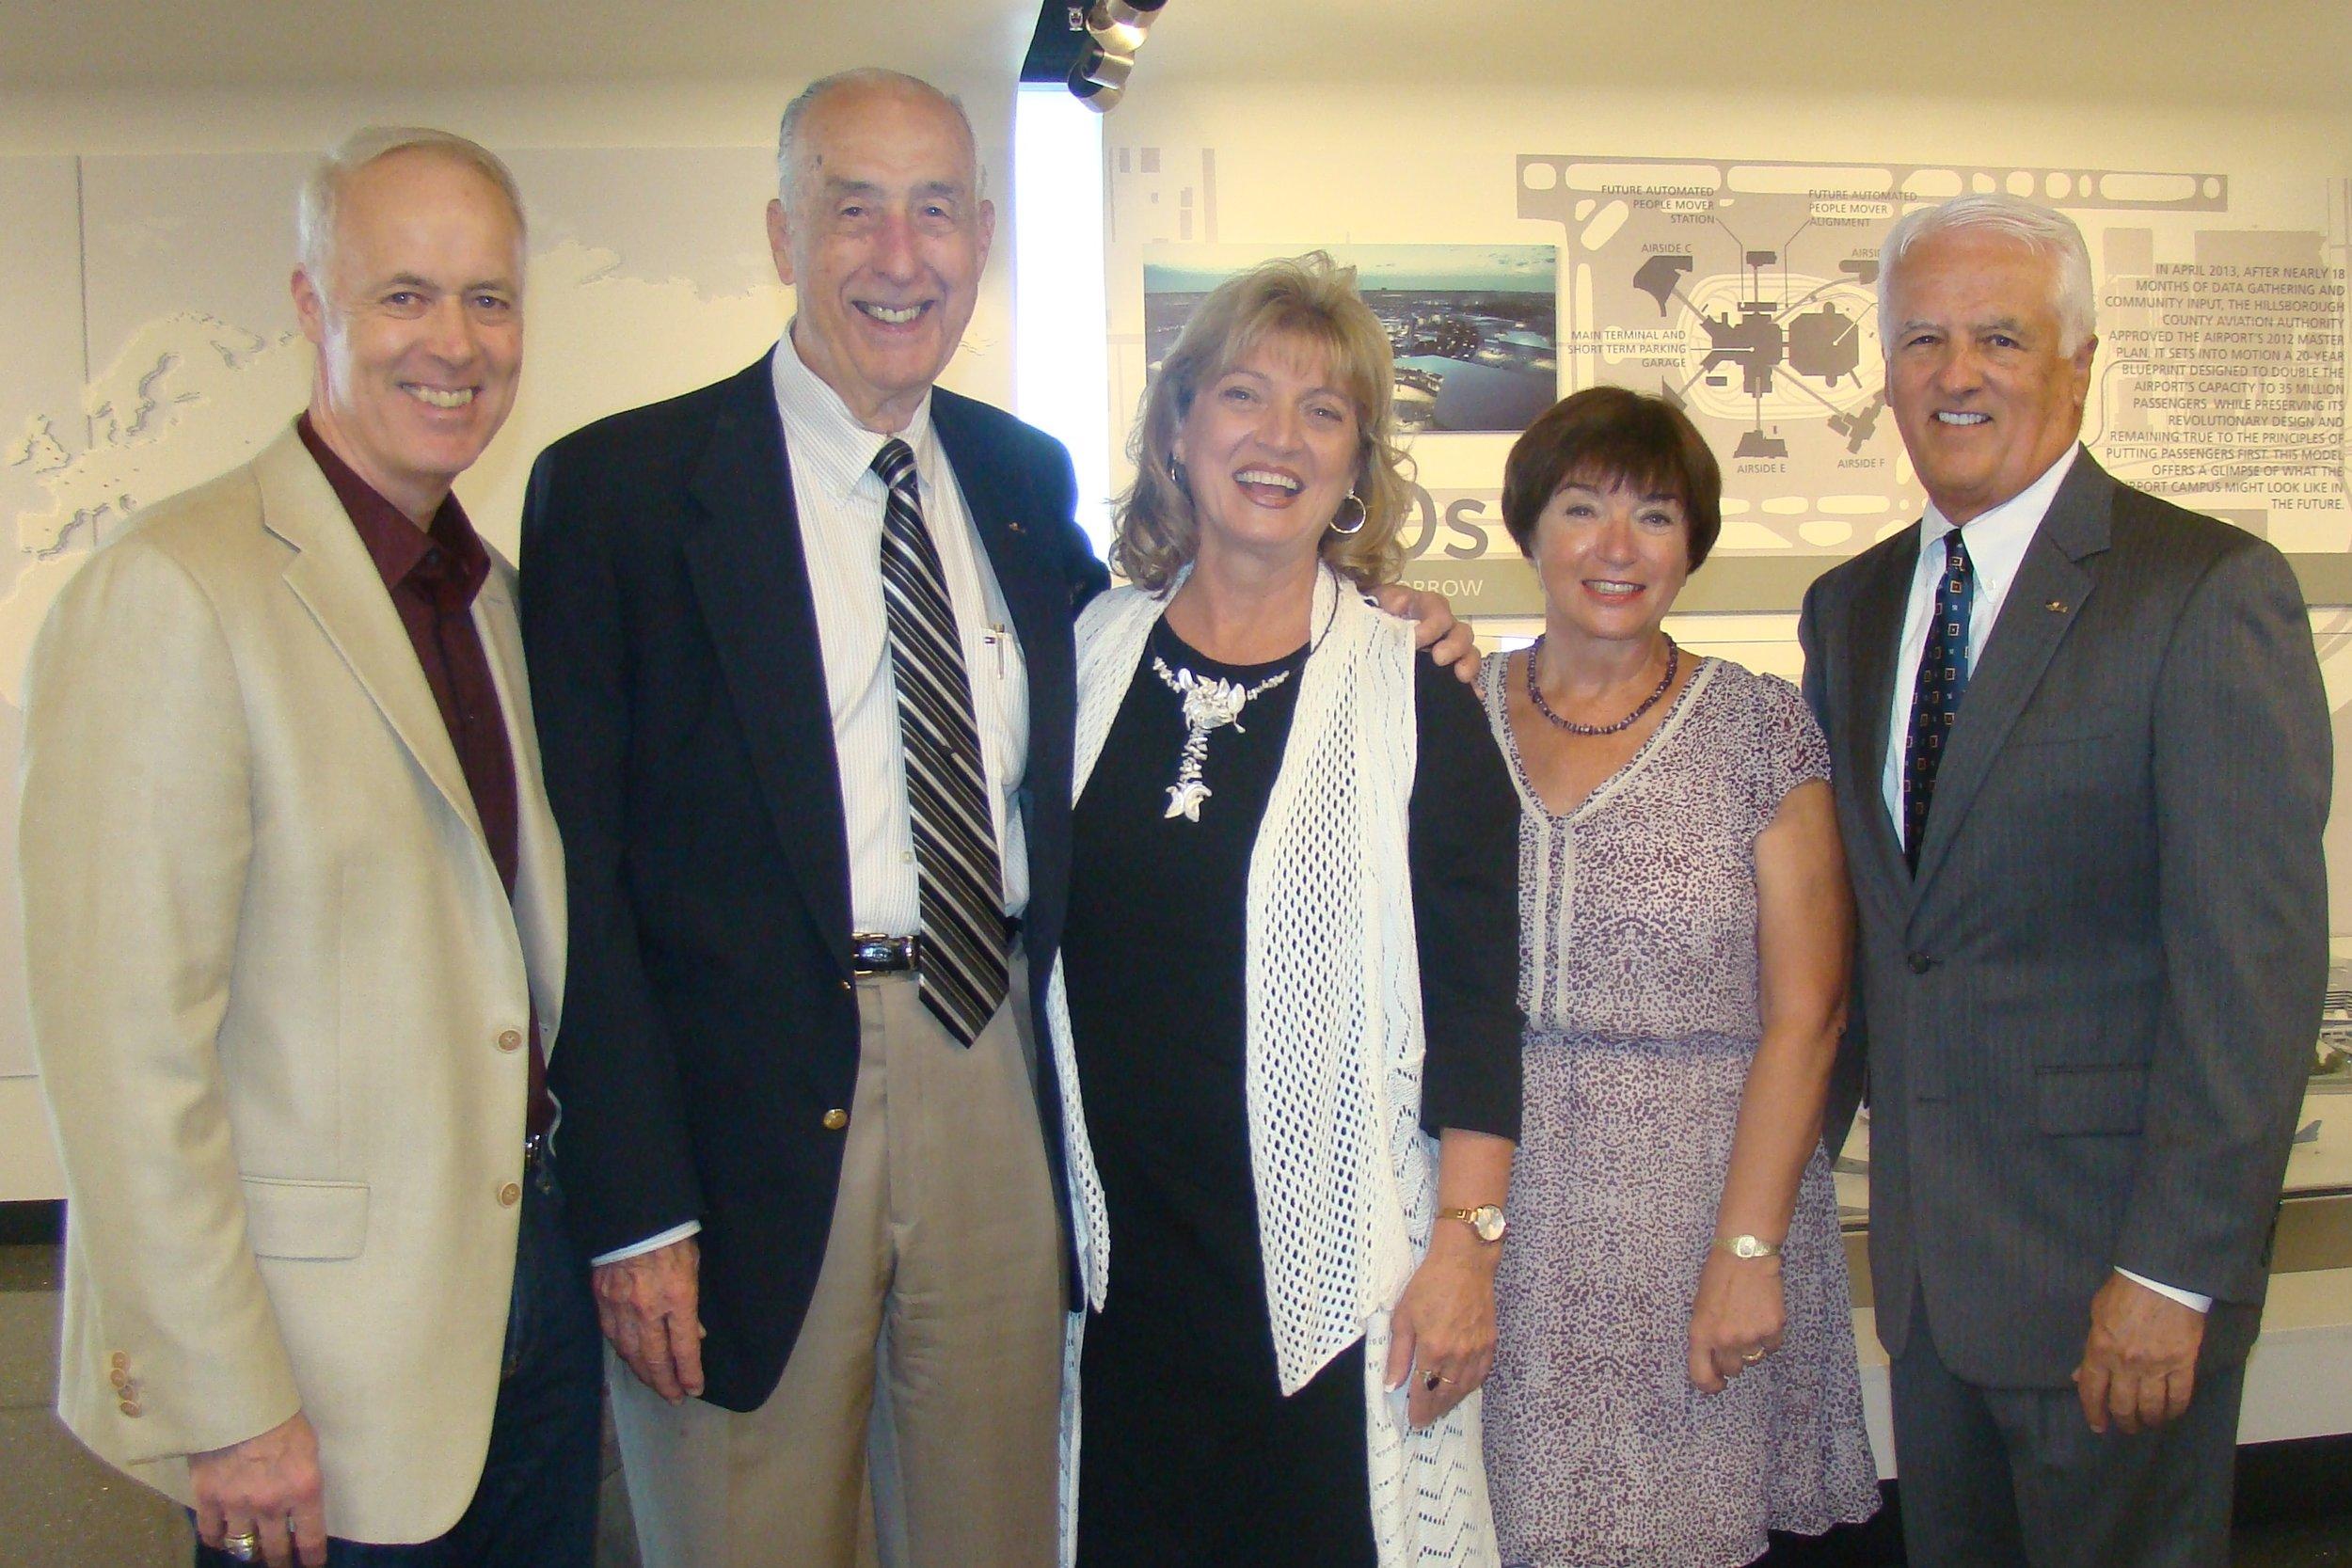 Dick, Me, Colleen Picard, Anne Menke & John O'Connor - 2, 30 Oct '14.JPG